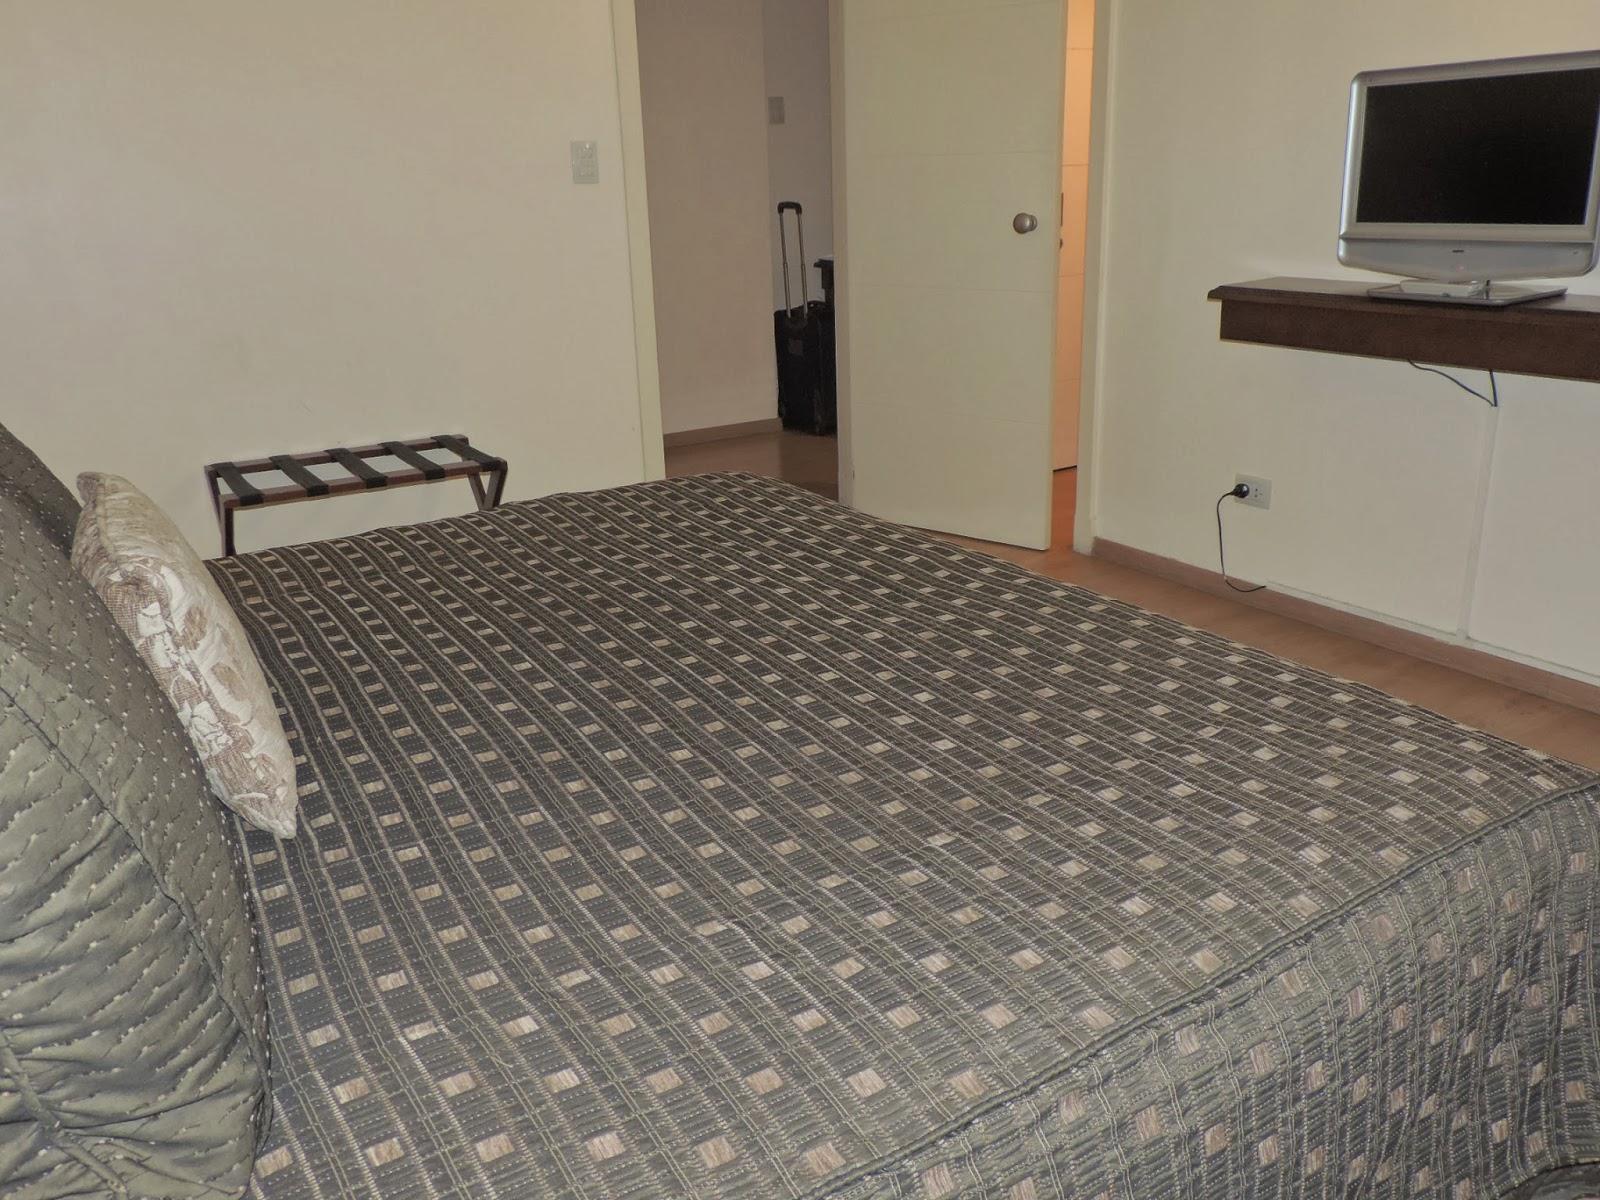 Blog Apaixonados por Viagens: Mendoza: Hotel Amerian Executive #896042 1600 1200